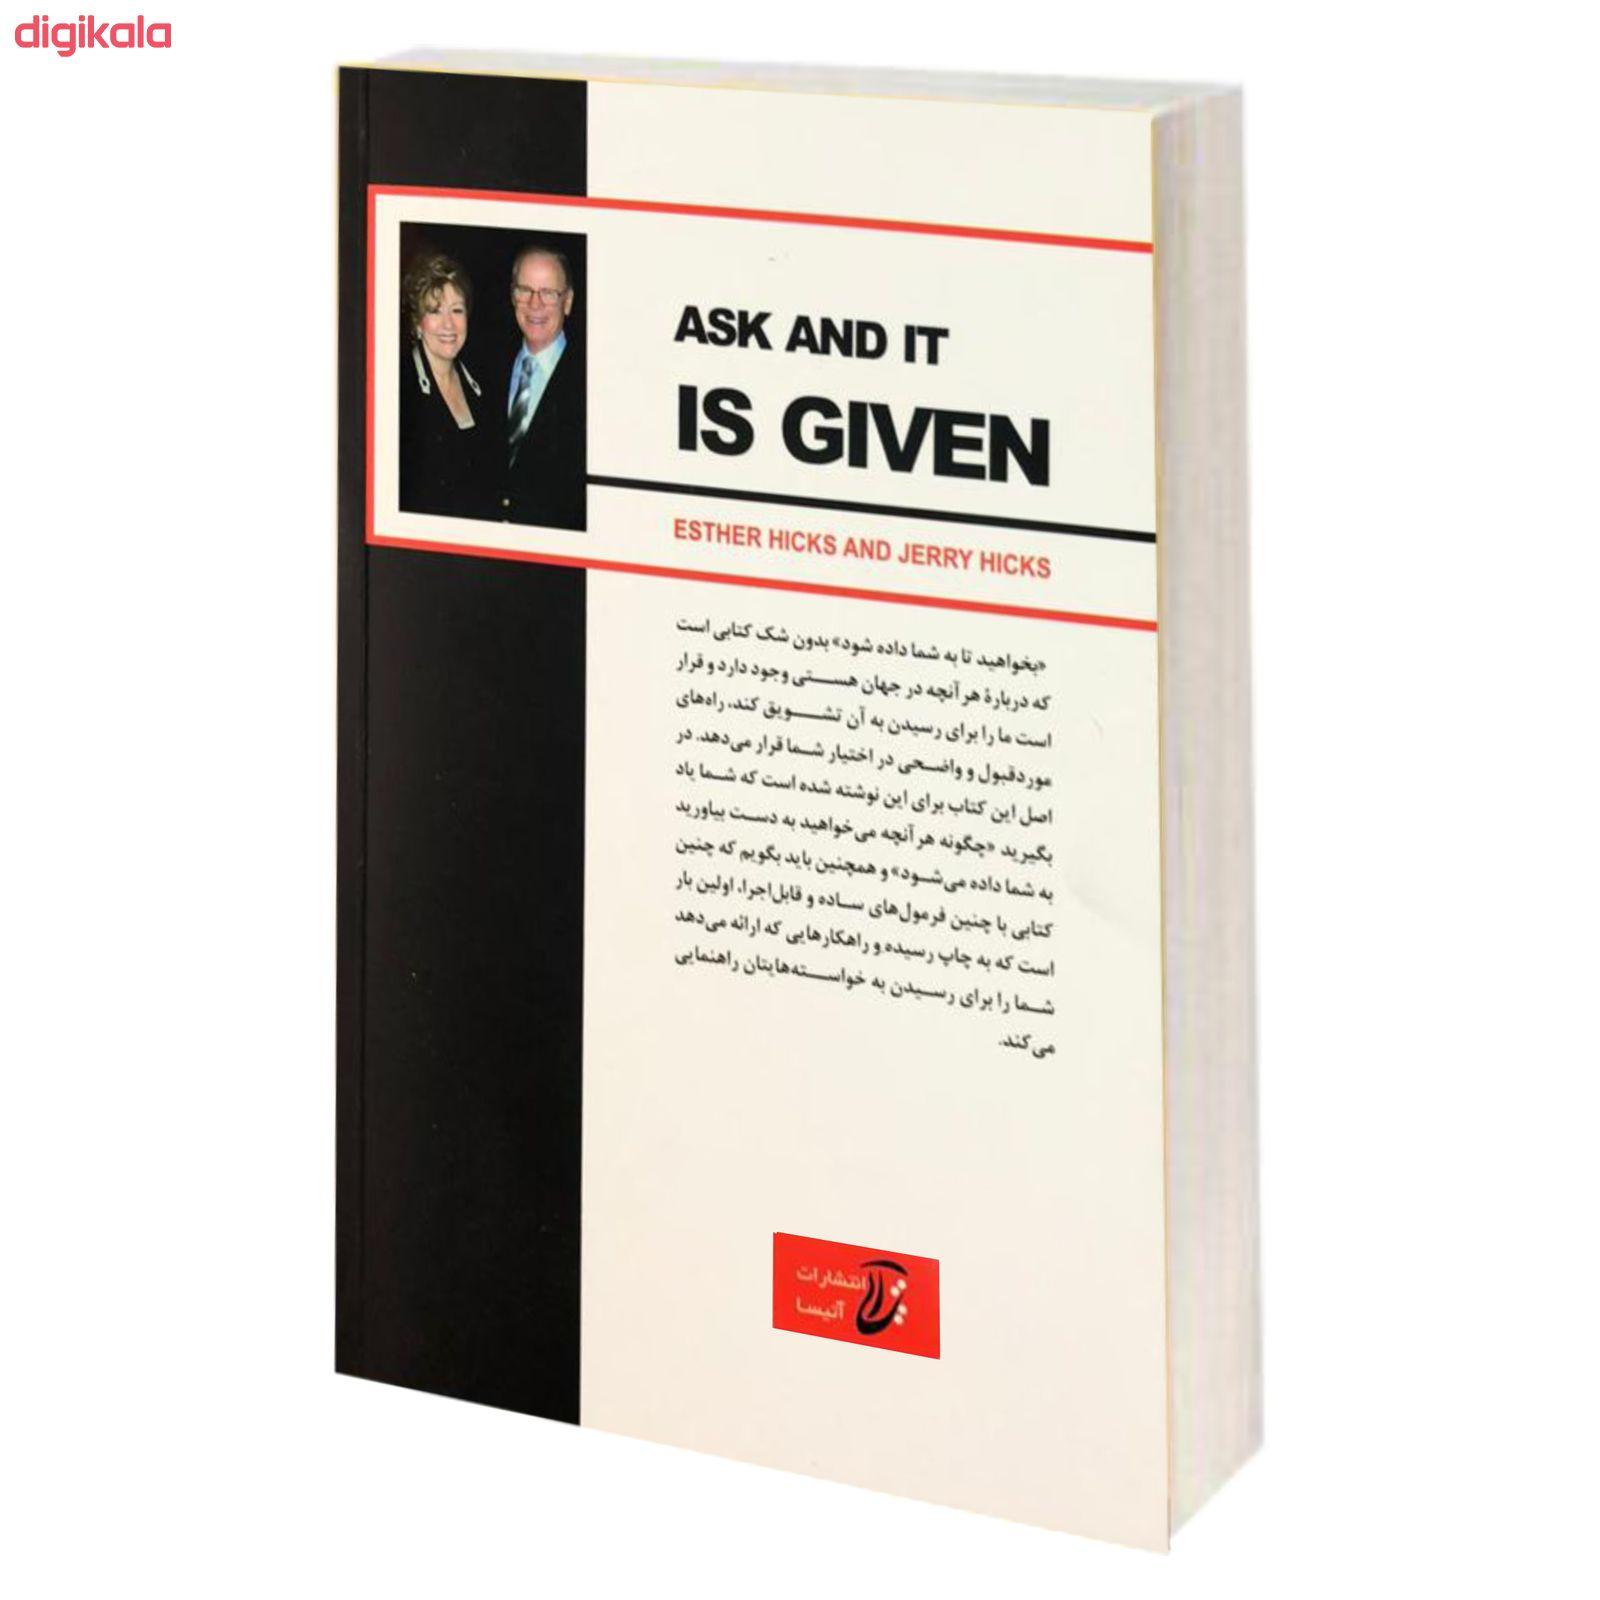 کتاب بخواهید تا به شما داده شود اثر استر هیکس و جری هیکس انتشارات آتیسا main 1 1